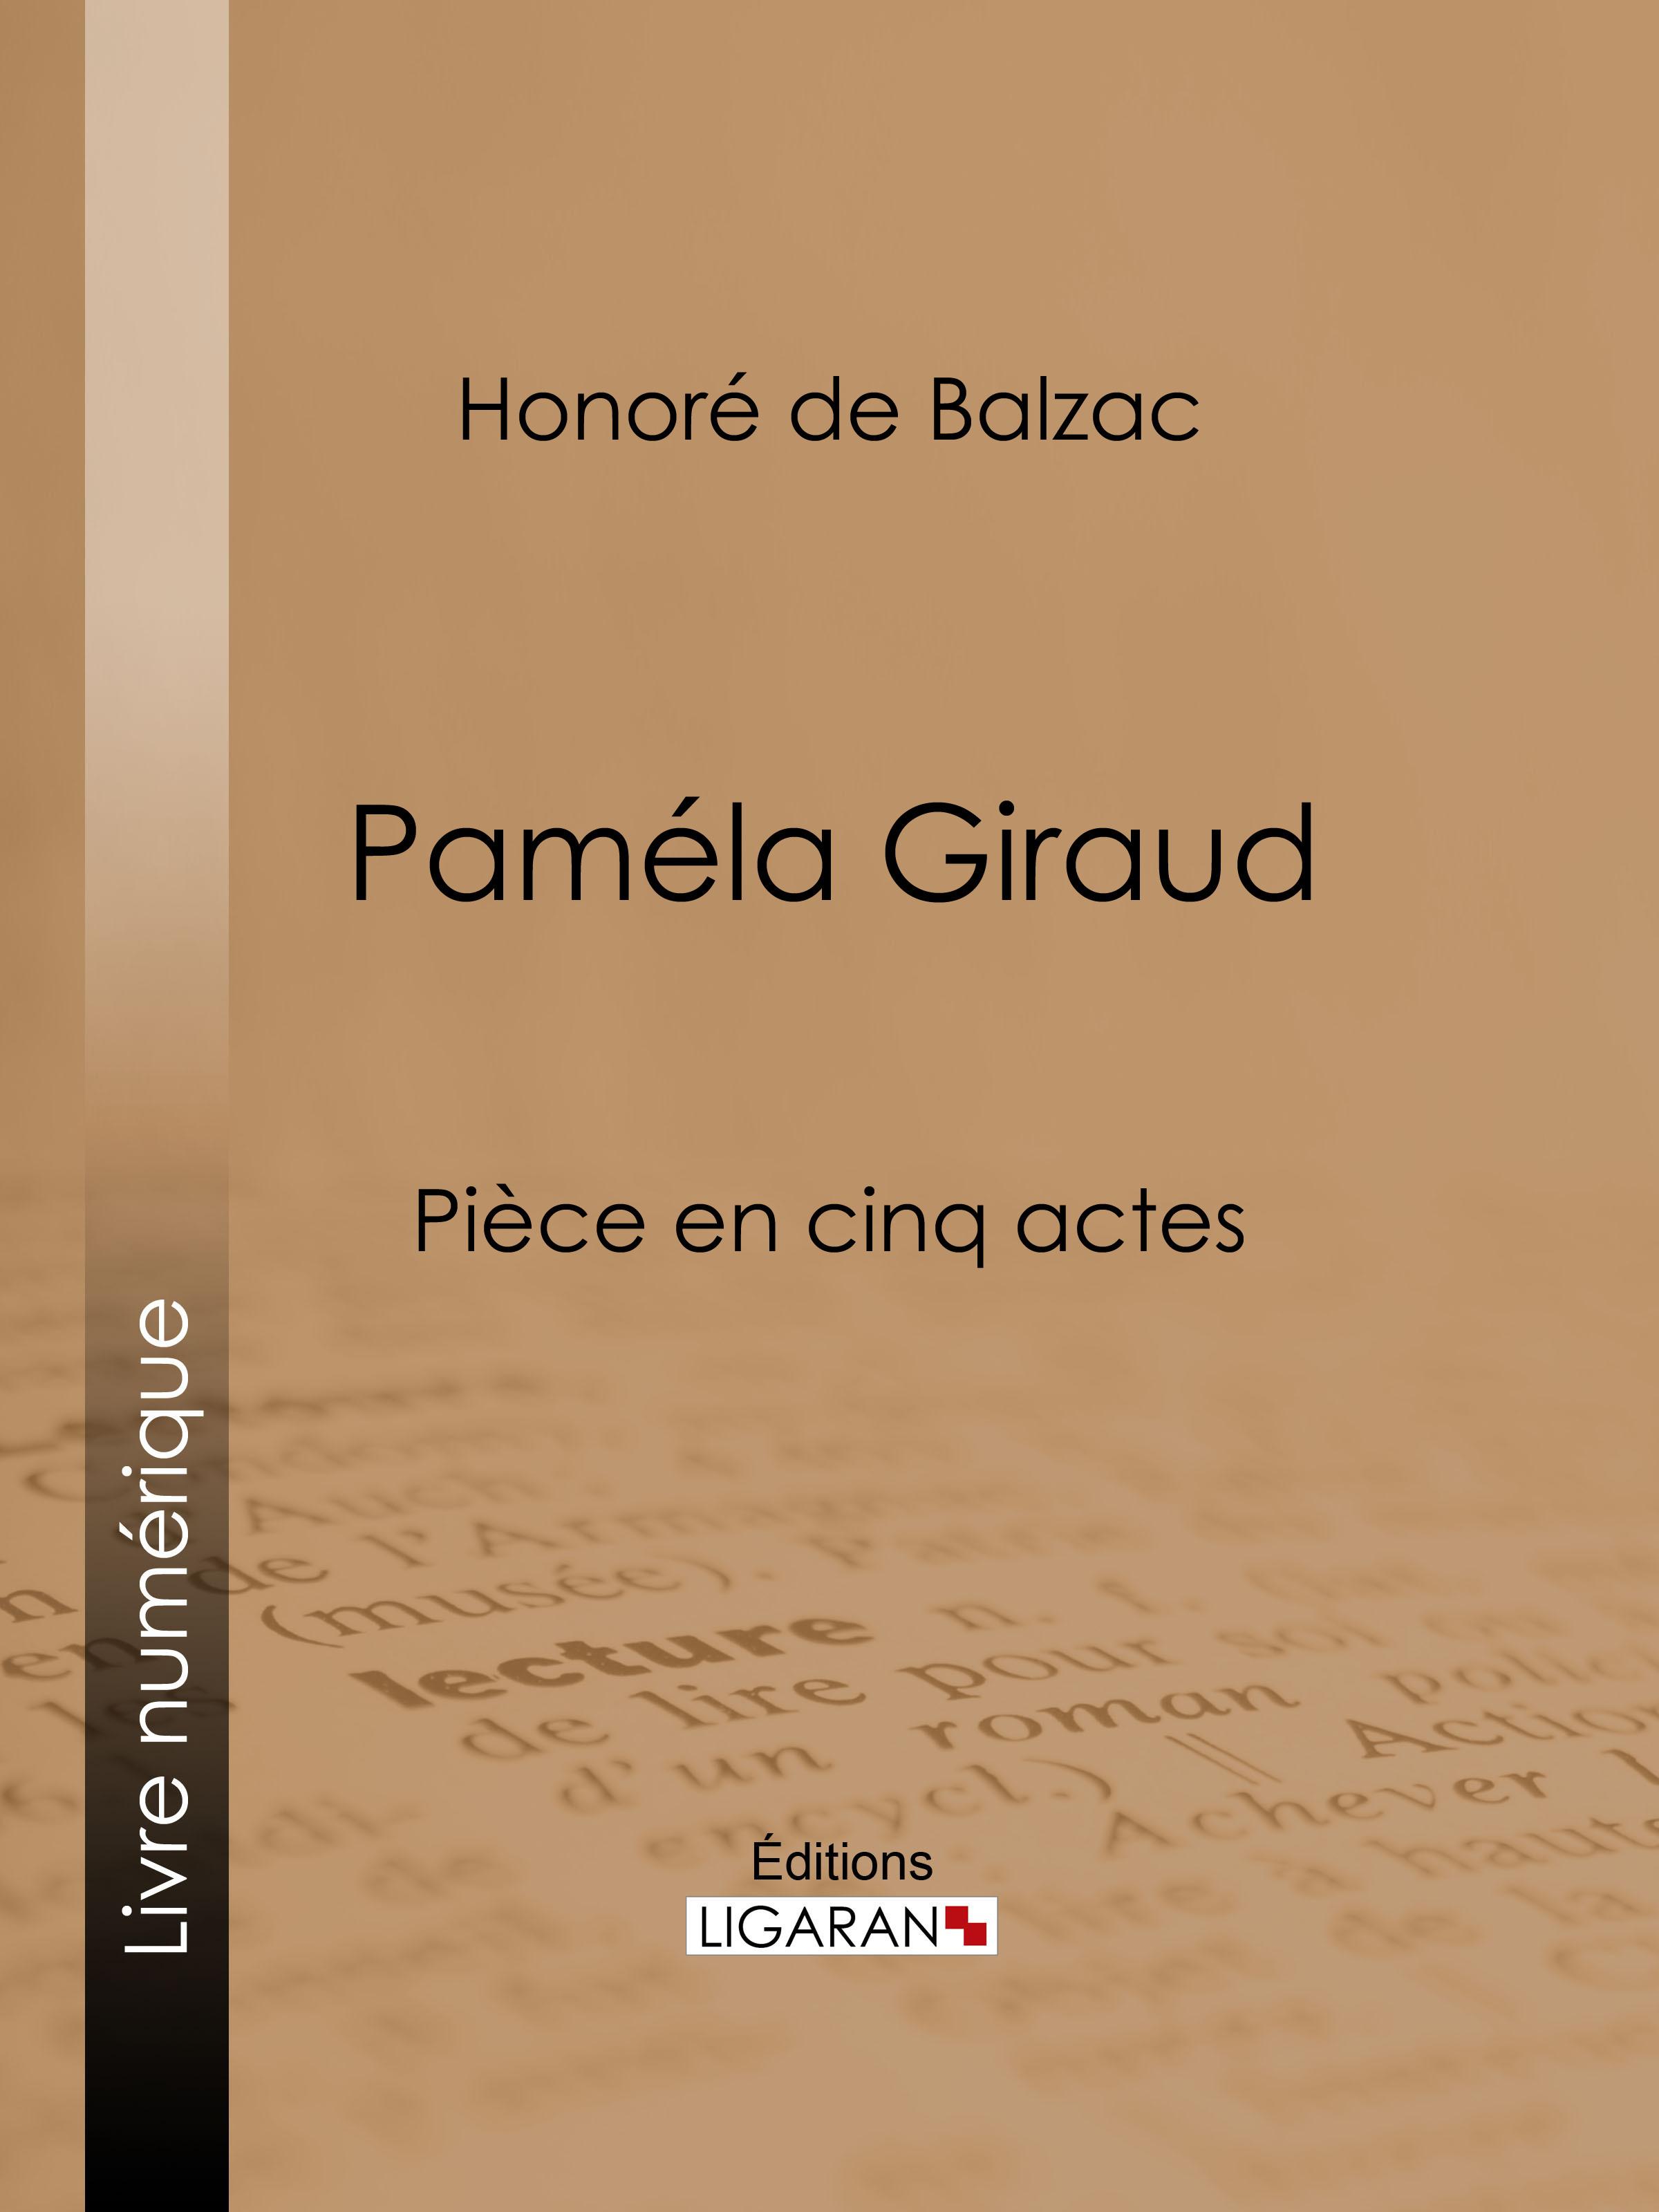 Paméla Giraud